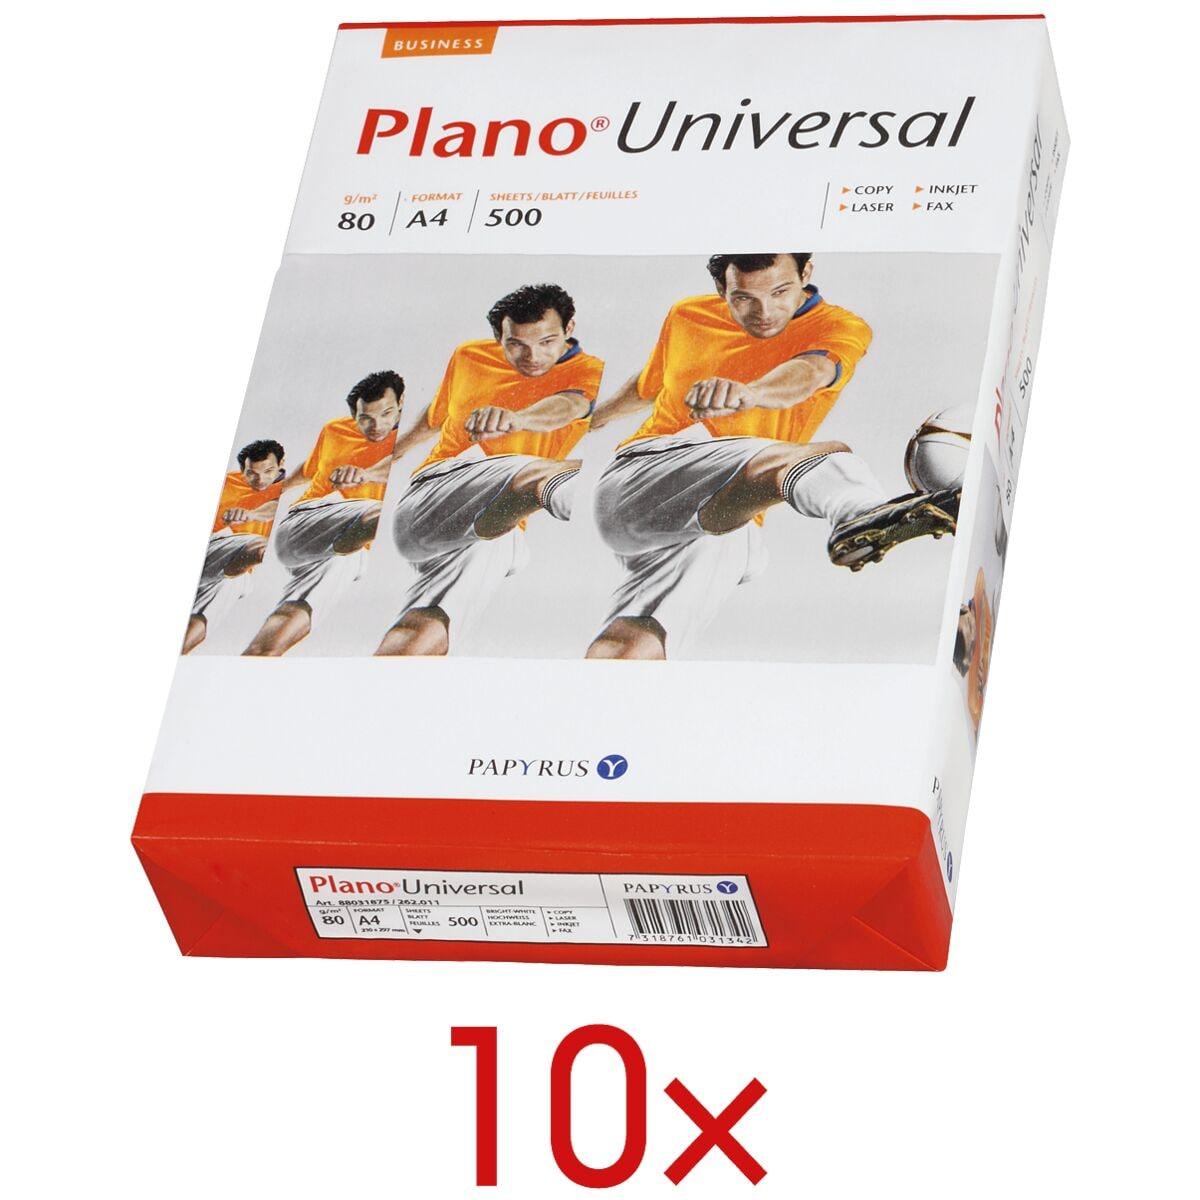 10x Kopierpapier A4 Plano Universal - 5000 Blatt gesamt, 80g/qm